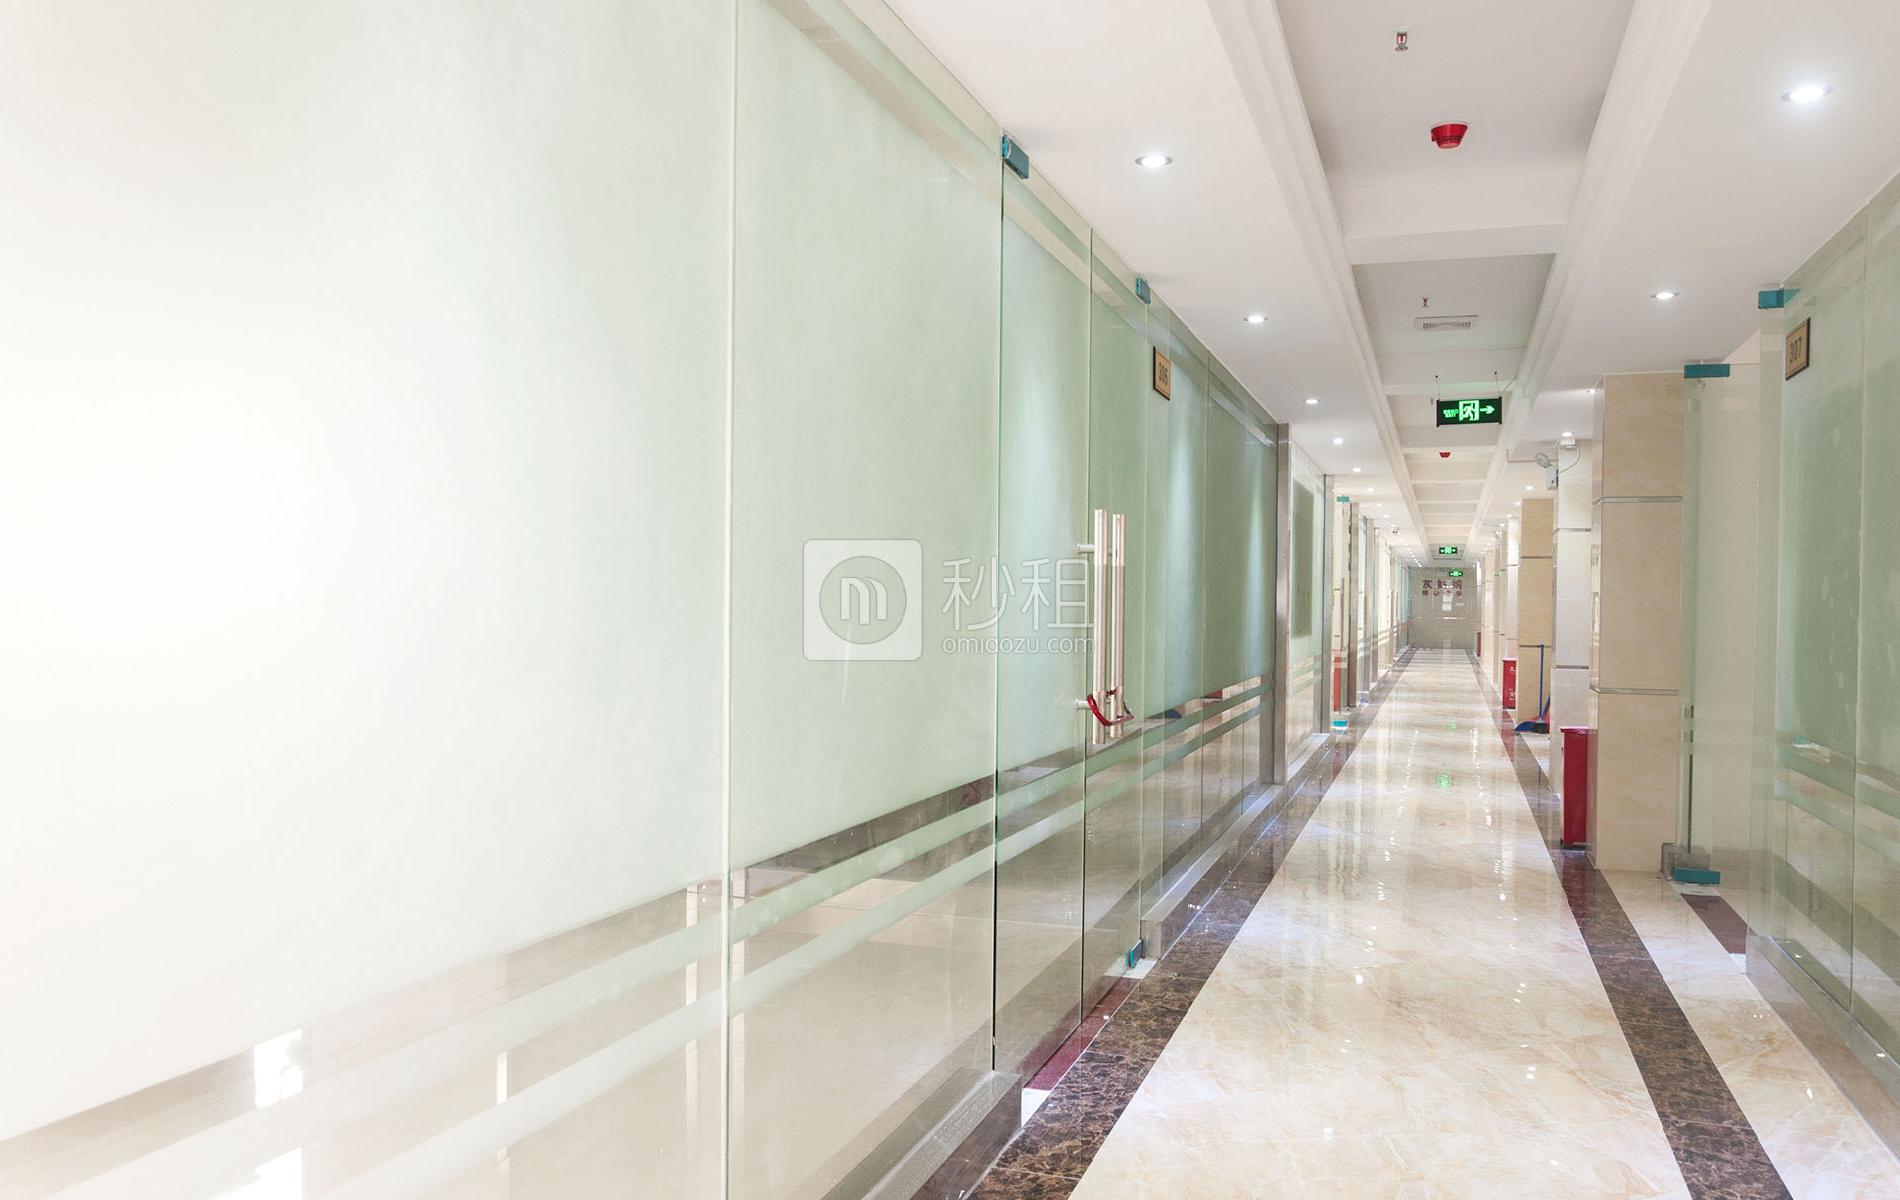 OTO创客中心写字楼出租/招租/租赁,OTO创客中心办公室出租/招租/租赁